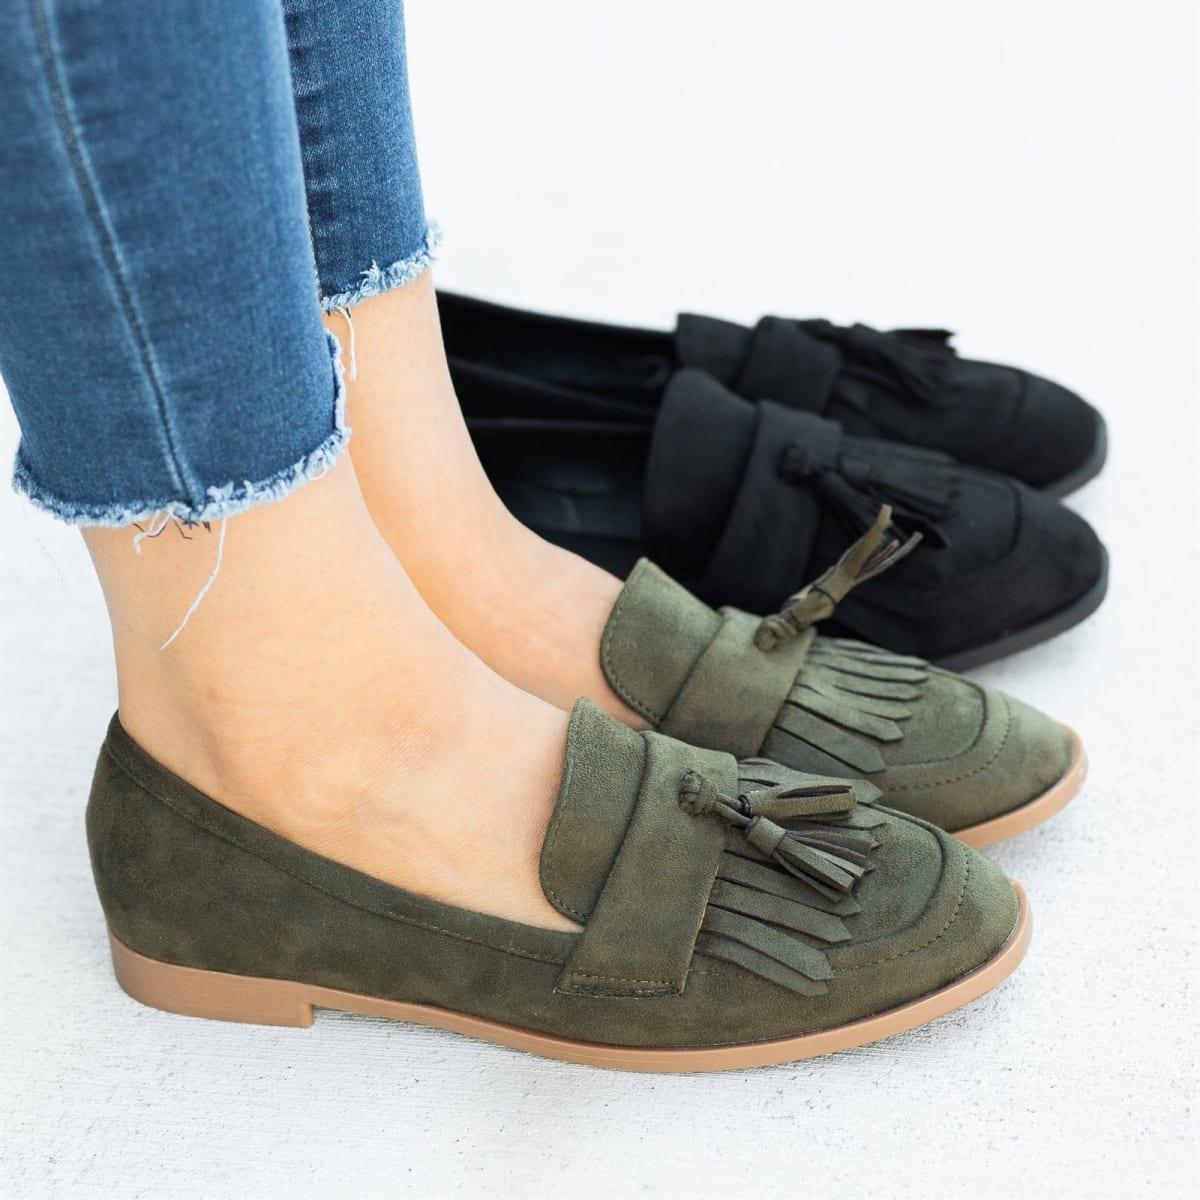 Womens Trendy Tassel Loafers